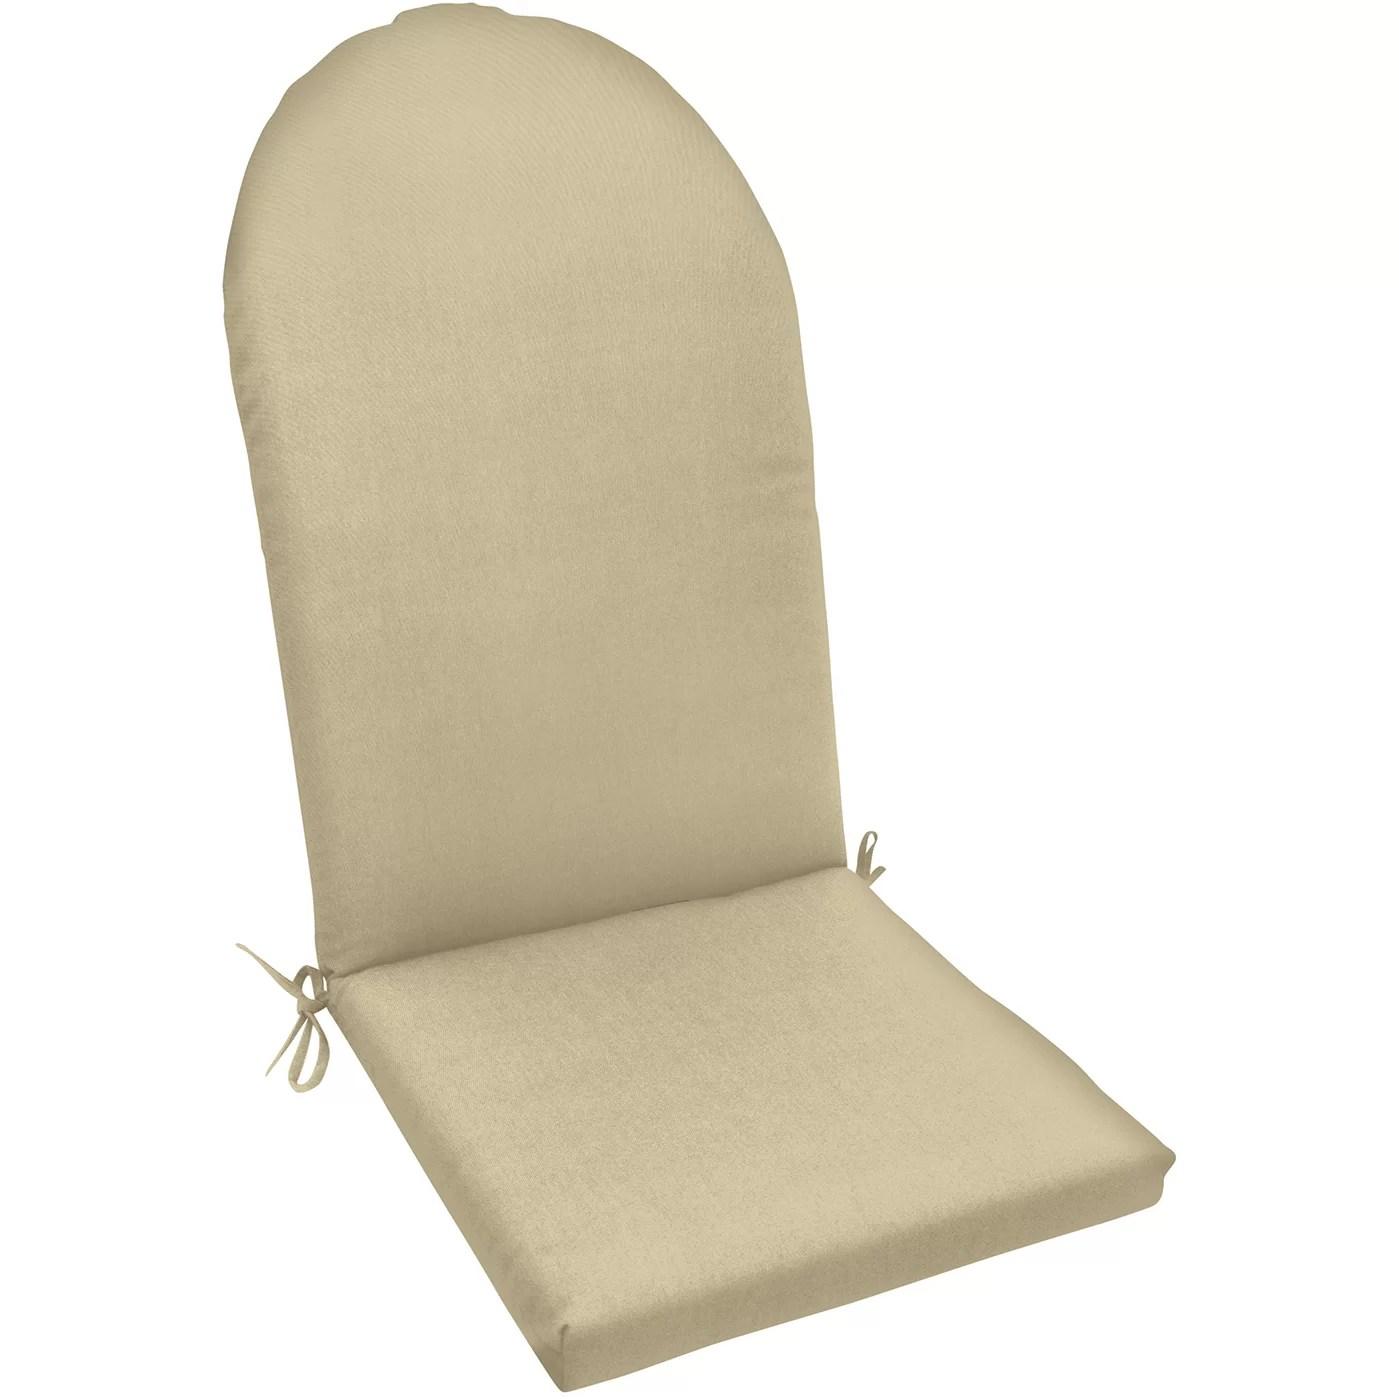 Wayfair Custom Outdoor Cushions Outdoor Sunbrella